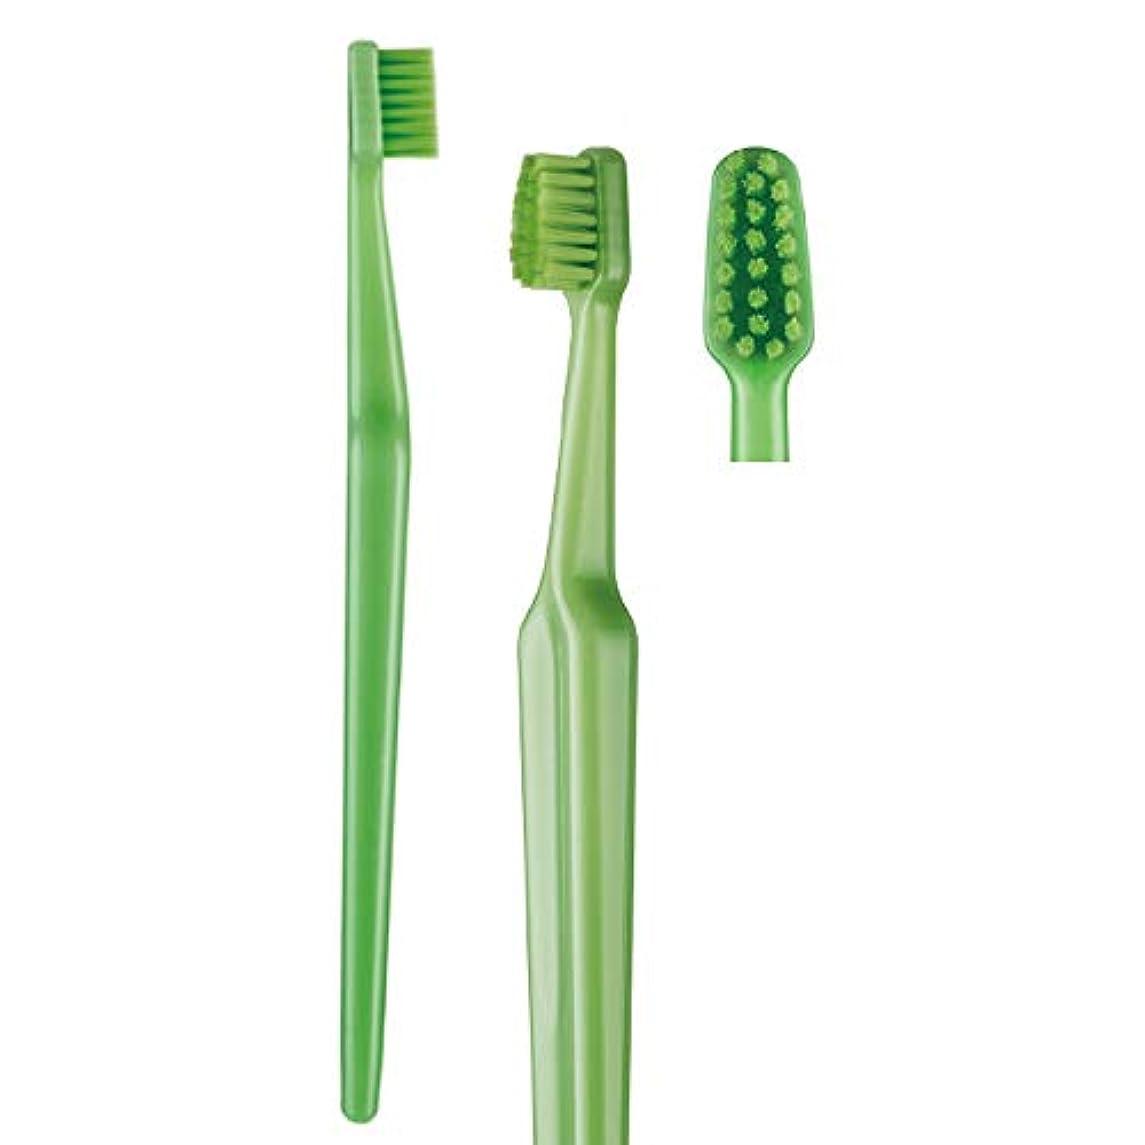 小道具昆虫ライオネルグリーンストリート歯科専売品 大人用歯ブラシ TePe GOOD (グッド) ミニ エクストラソフト(超やわらかめ) ヘッド小 1本